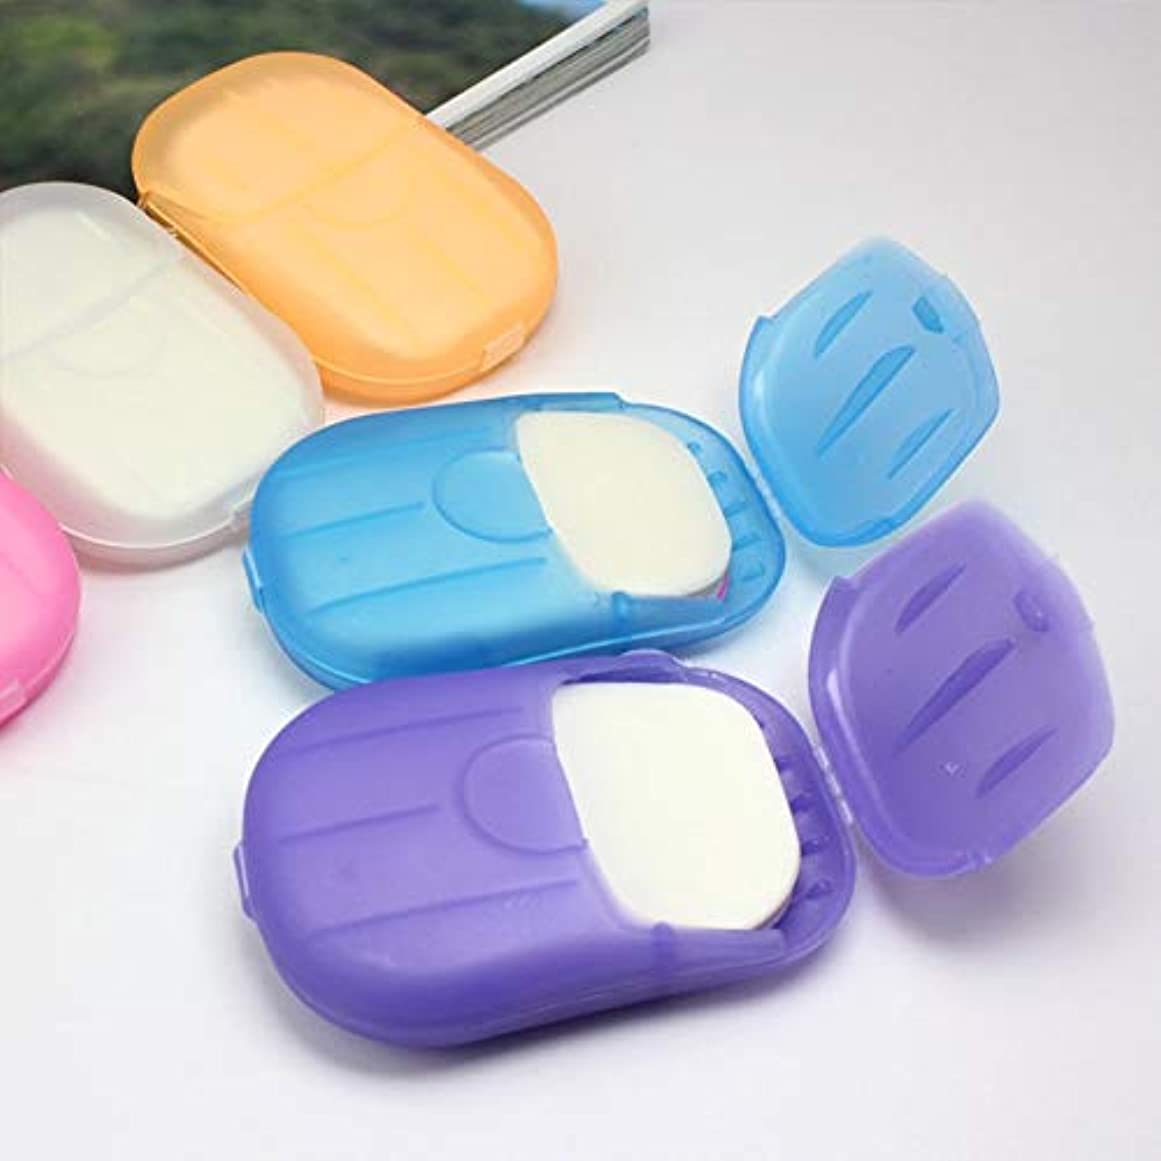 利得アナロジーゴルフ20 Pcs Paper Soap Outdoor Travel Bath Soap Tablets Portable Hand-washing